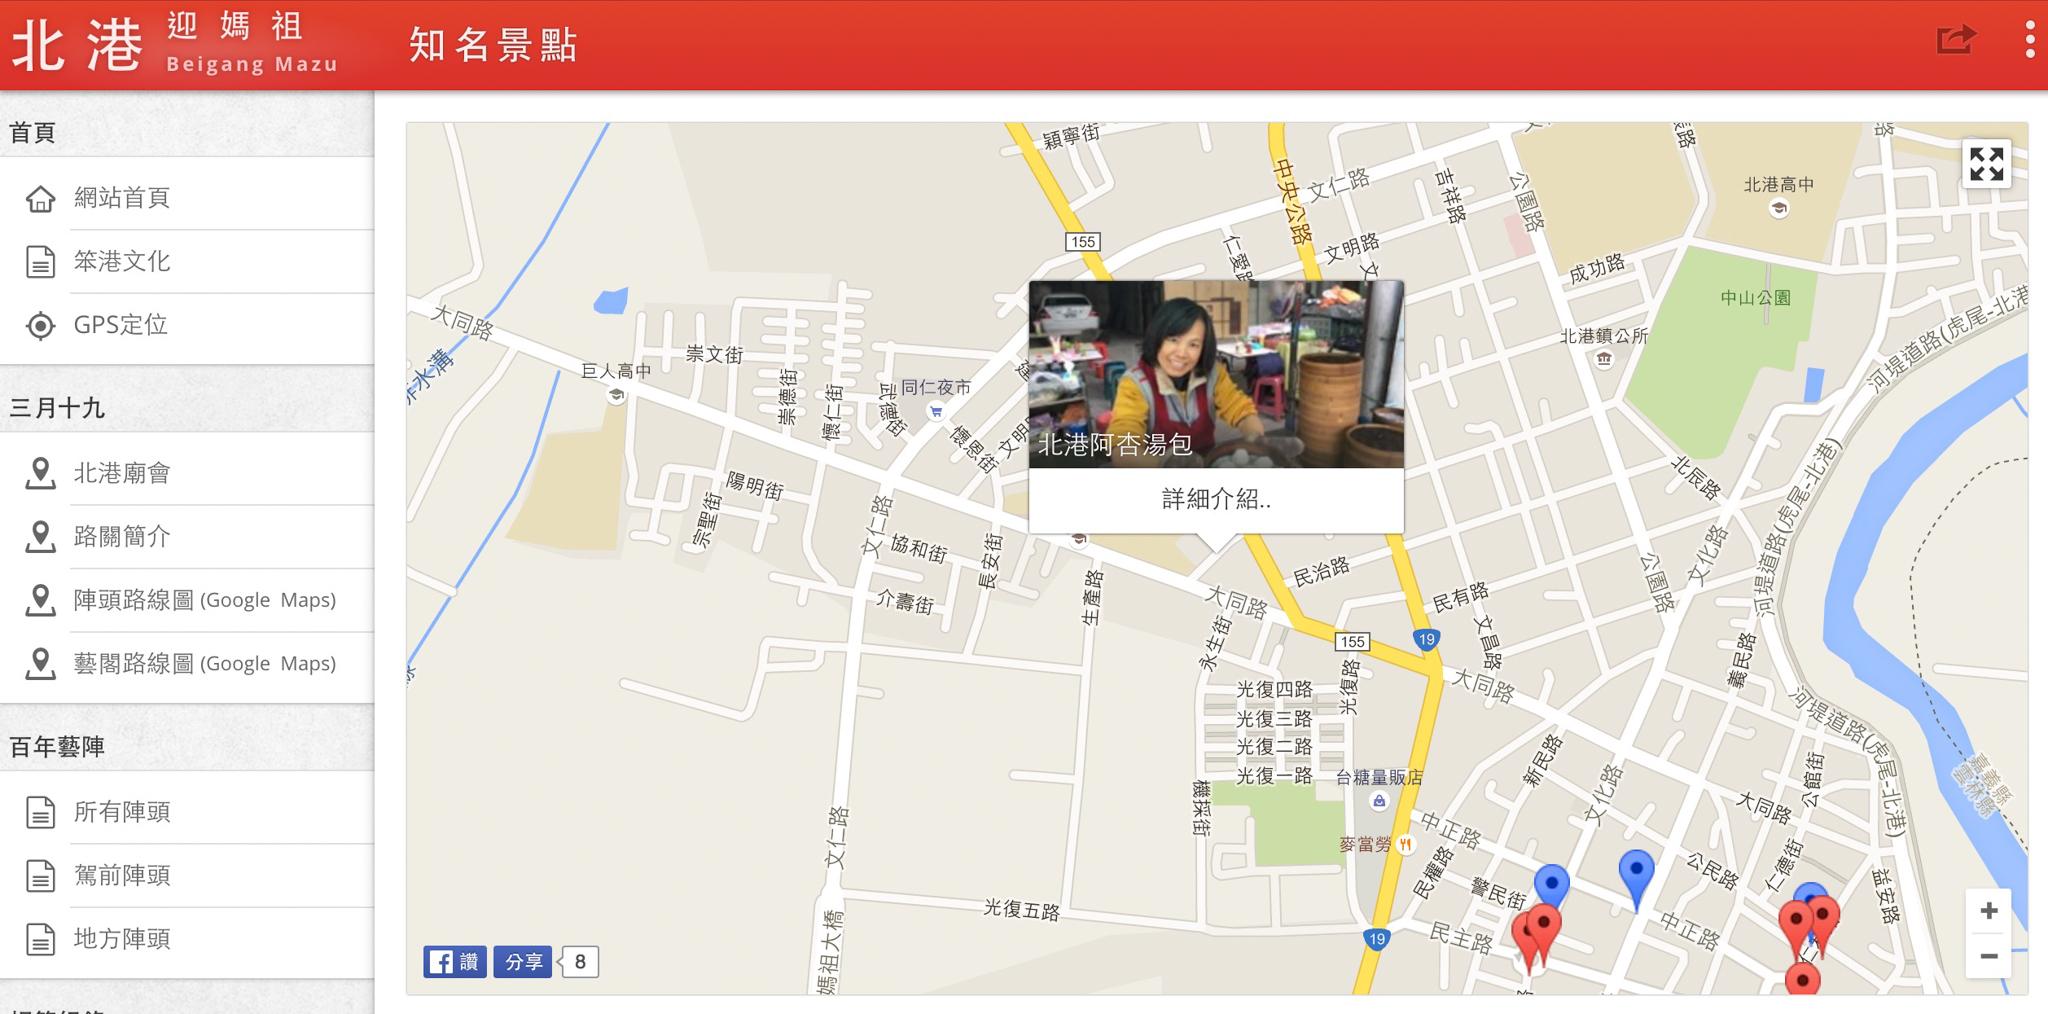 以 Google Maps 為主題,將北港有特色的店家、景點以地圖的方式呈現,並且以文章介紹其內容,或者提供相關部落客的網址,以提供網友來北港遊玩前的準備資訊